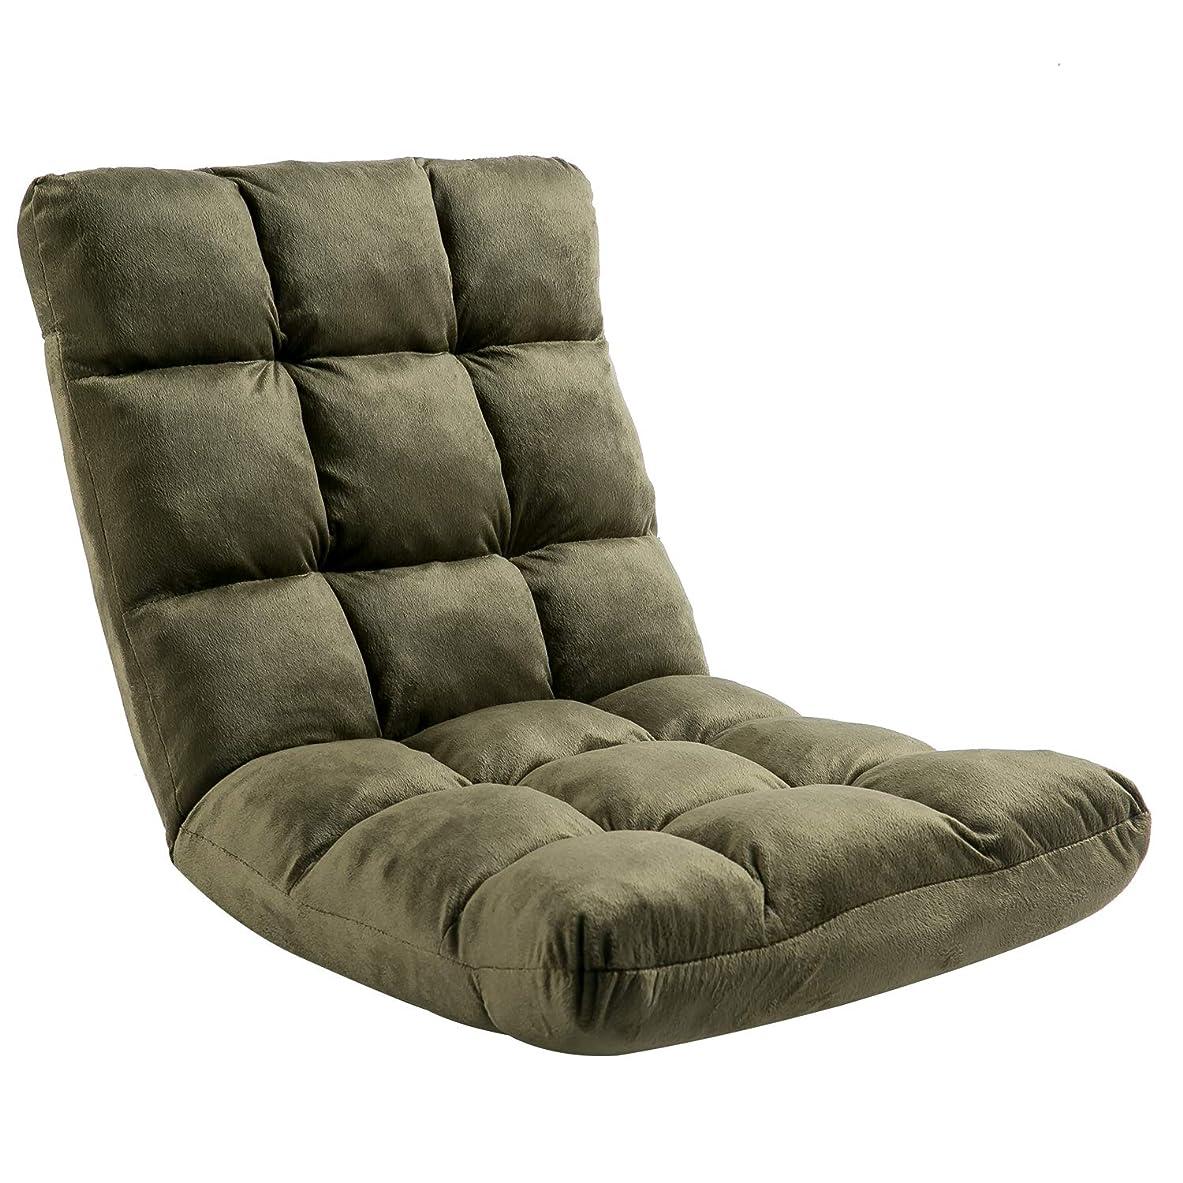 年ディーラー長老座椅子 フロアチェア 低反発ウレタン マイクロファイバー ふわふわのクッション採用 フロアソファー 6段階調整可能(Green)50CAA